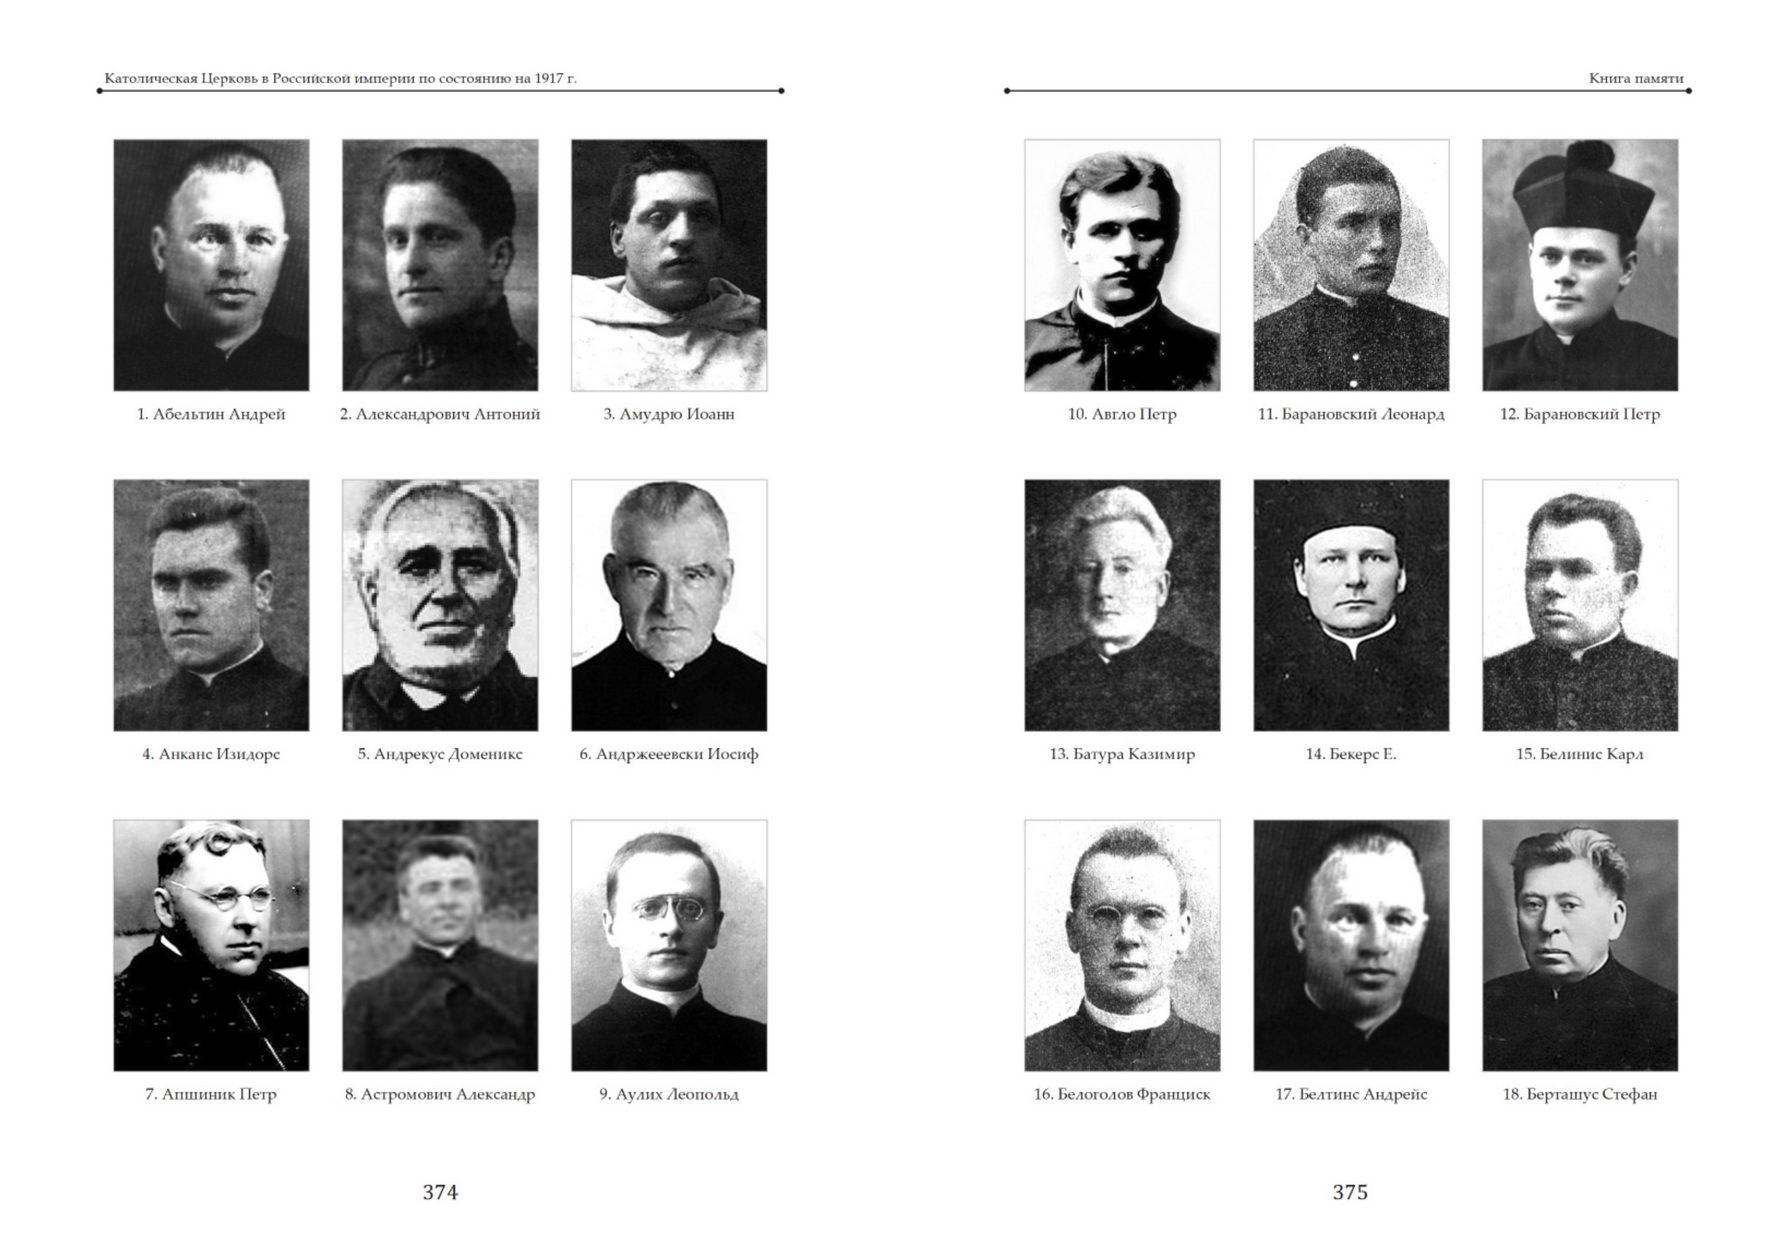 Издана книга, посвященная Католической Церкви в России накануне революции 1917 года и в Советский период 6